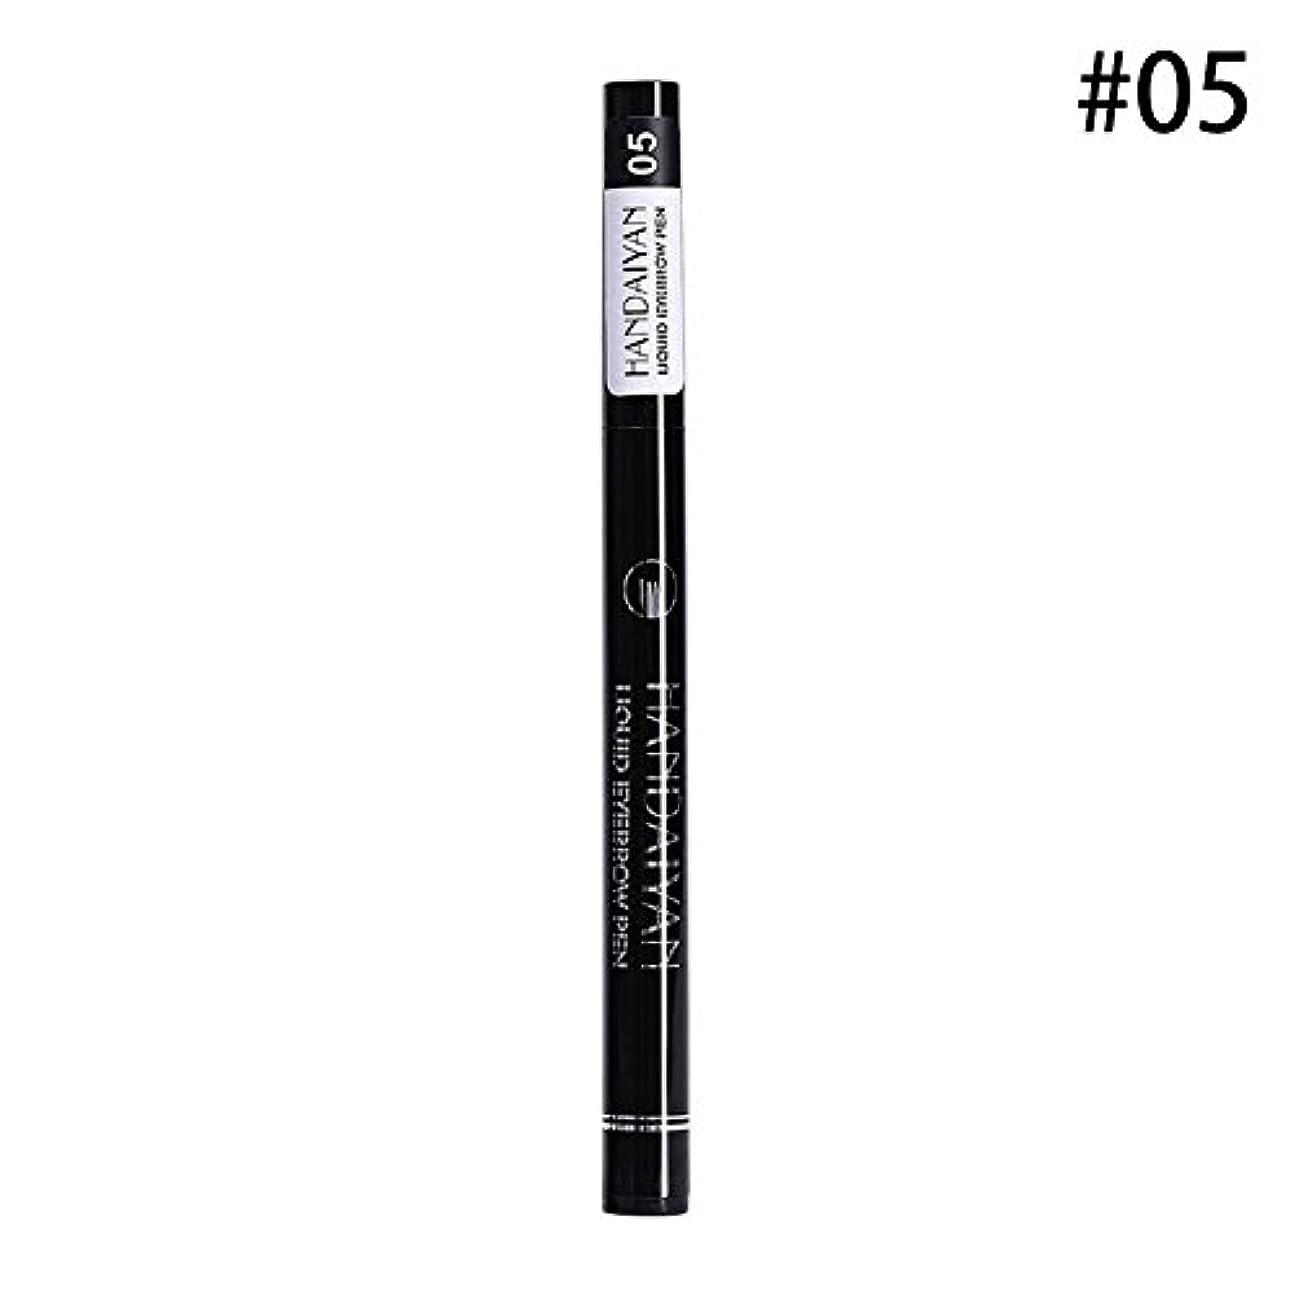 性交水銀のしわアイブロウ鉛筆 眉ペンシル 四フォーク 眉ペンシルリキッド とても良い マイクロカービング 眉ペンシル   4頭 防水